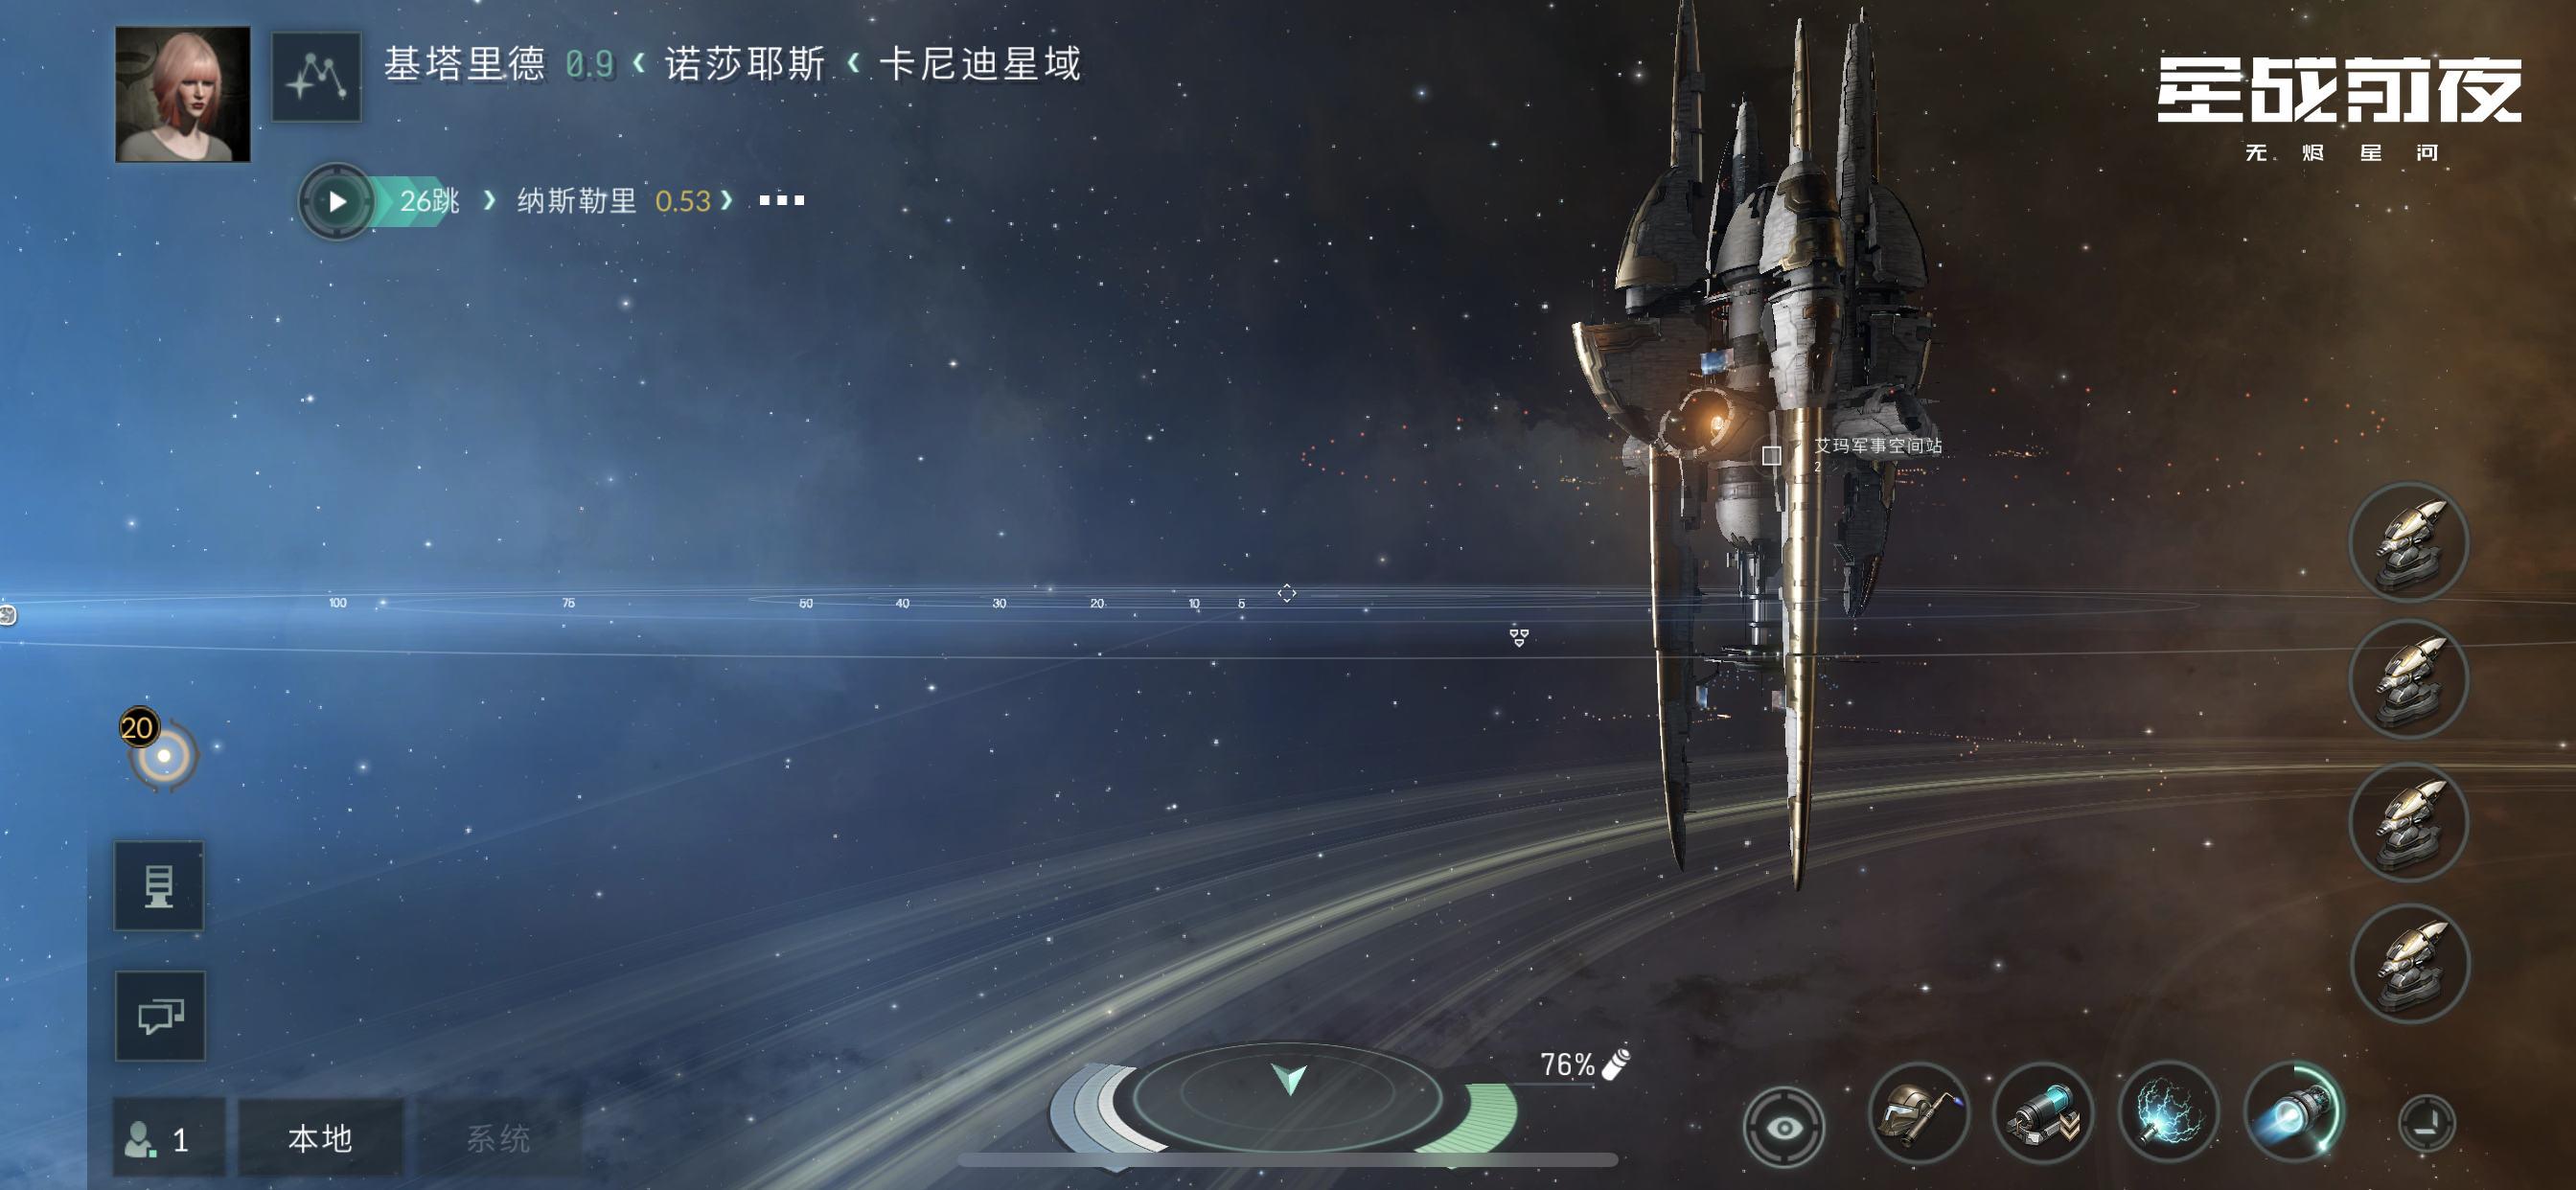 网易520发布会召开!EVE IP 星战沙盒手游内录视频曝光